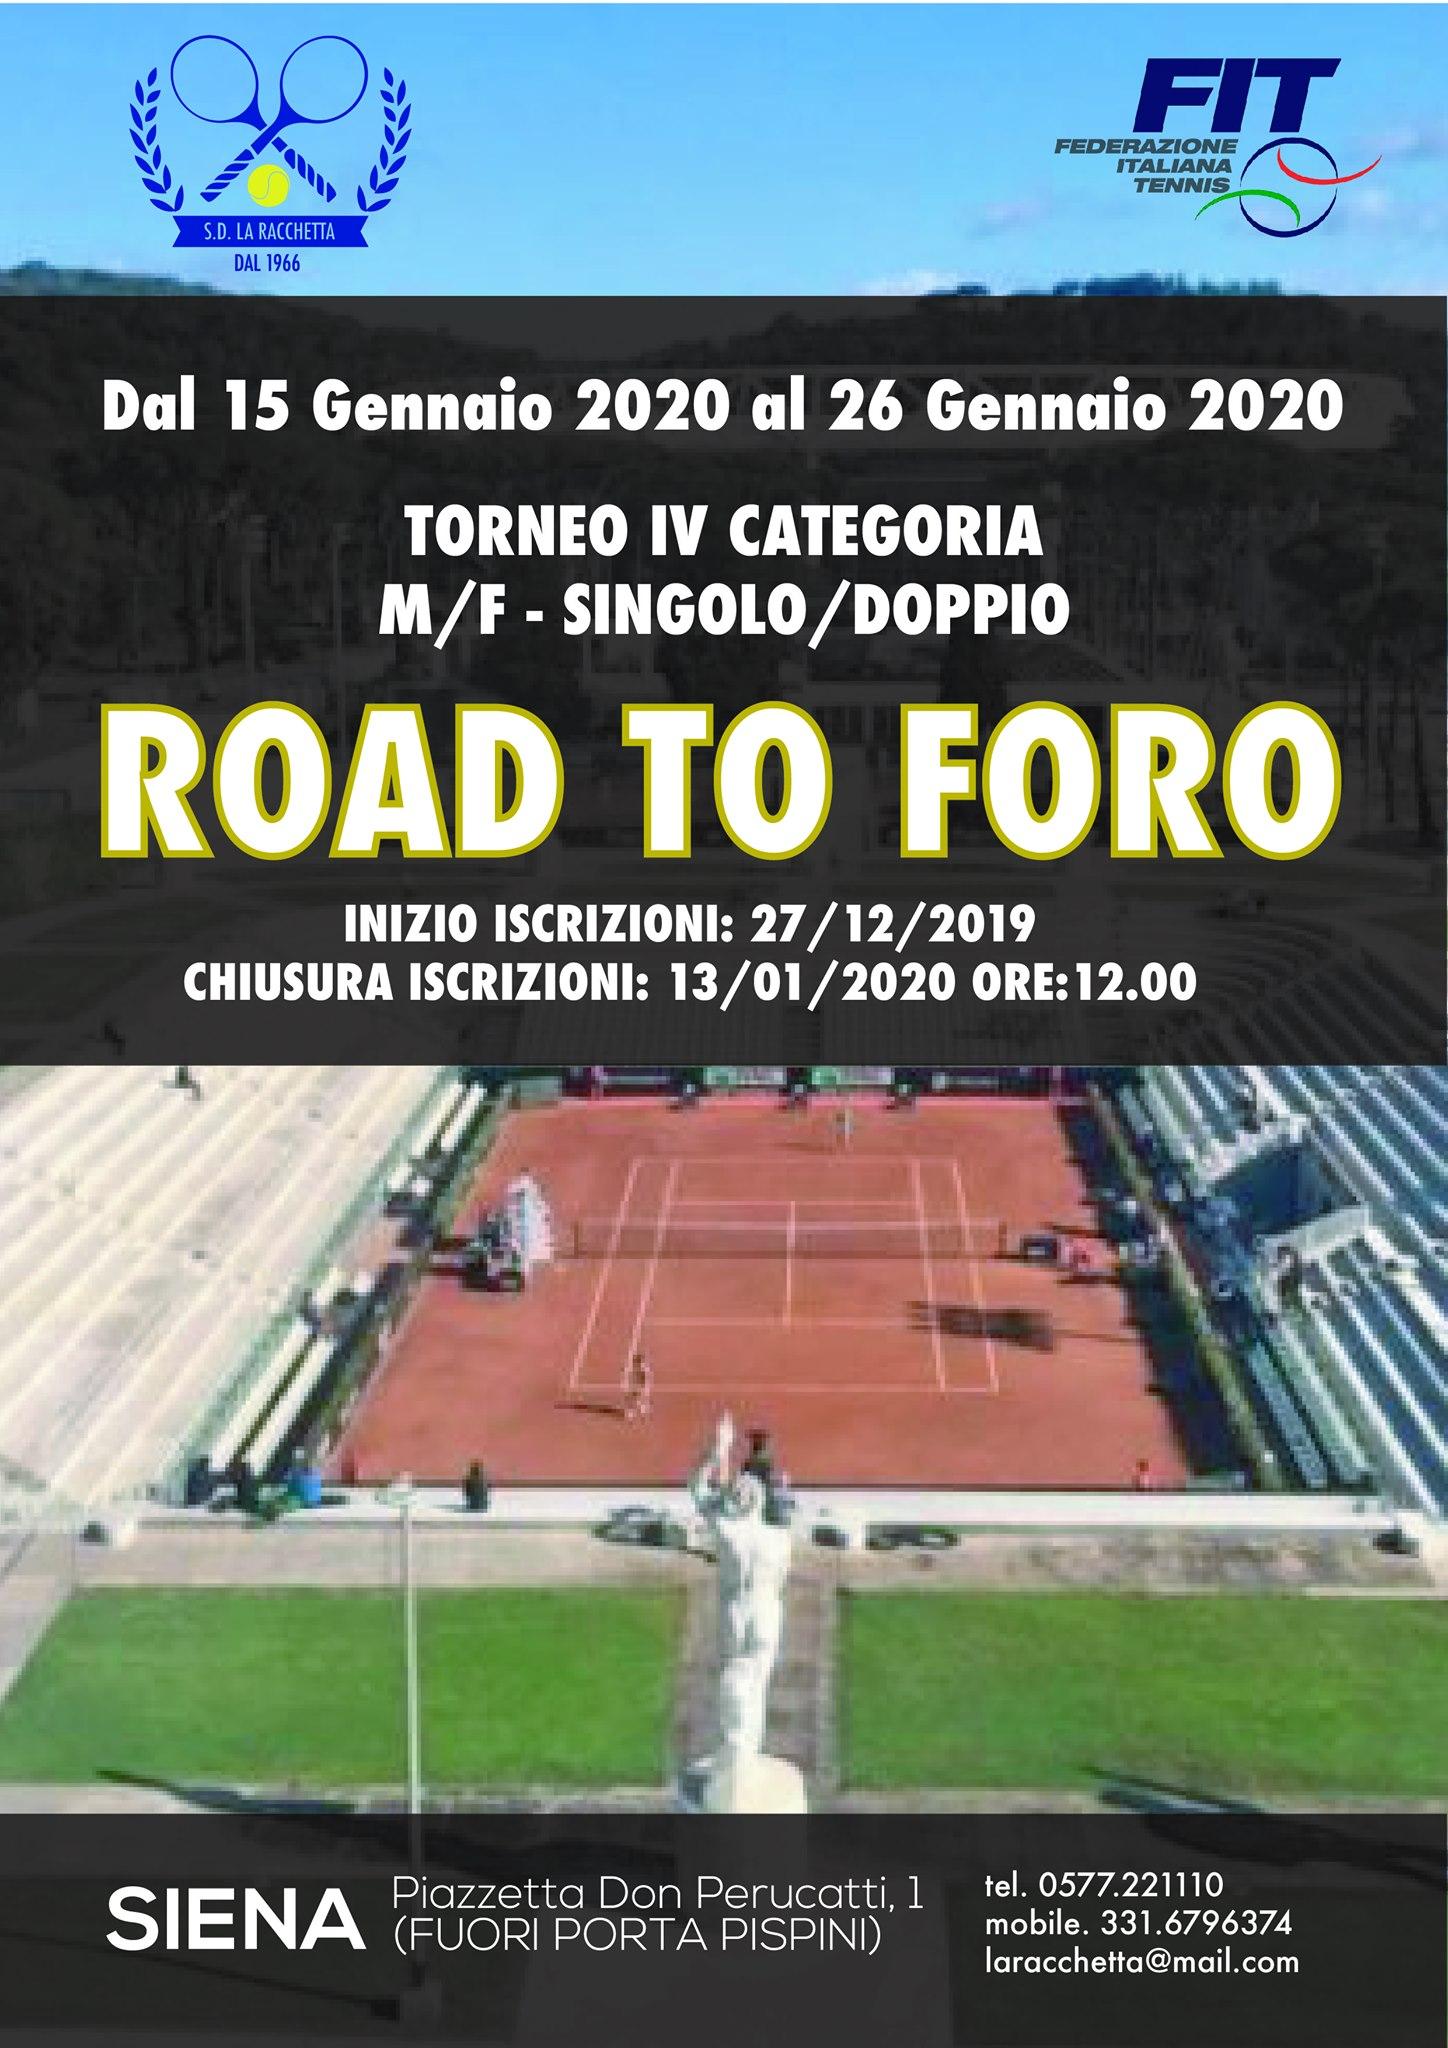 road to foro siena